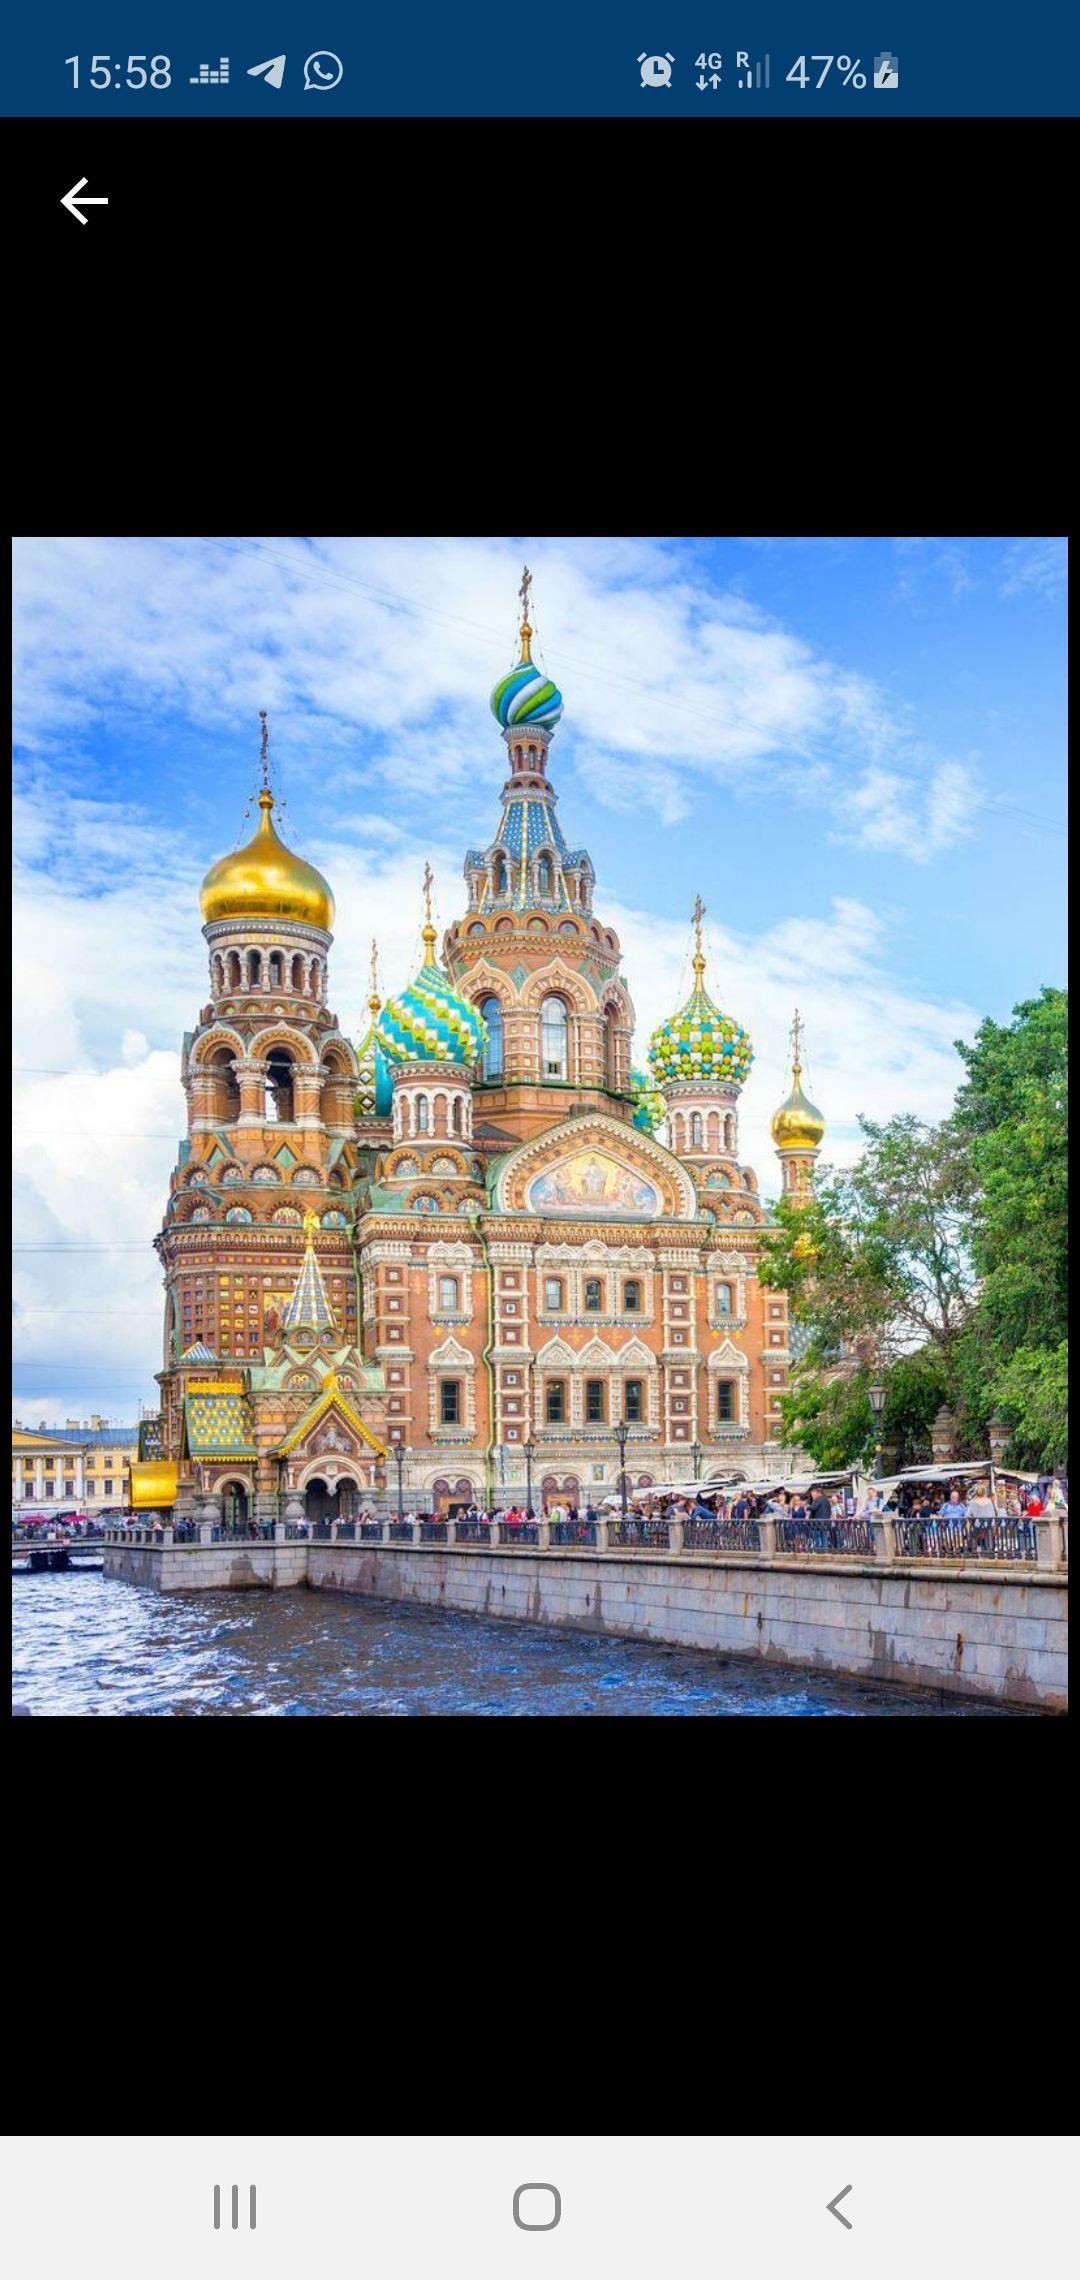 Flüge: Sankt Petersburg / Russland [Nov. - Dez.] Hin und Zurück Nonstop von Salzburg ab nur 64,98€